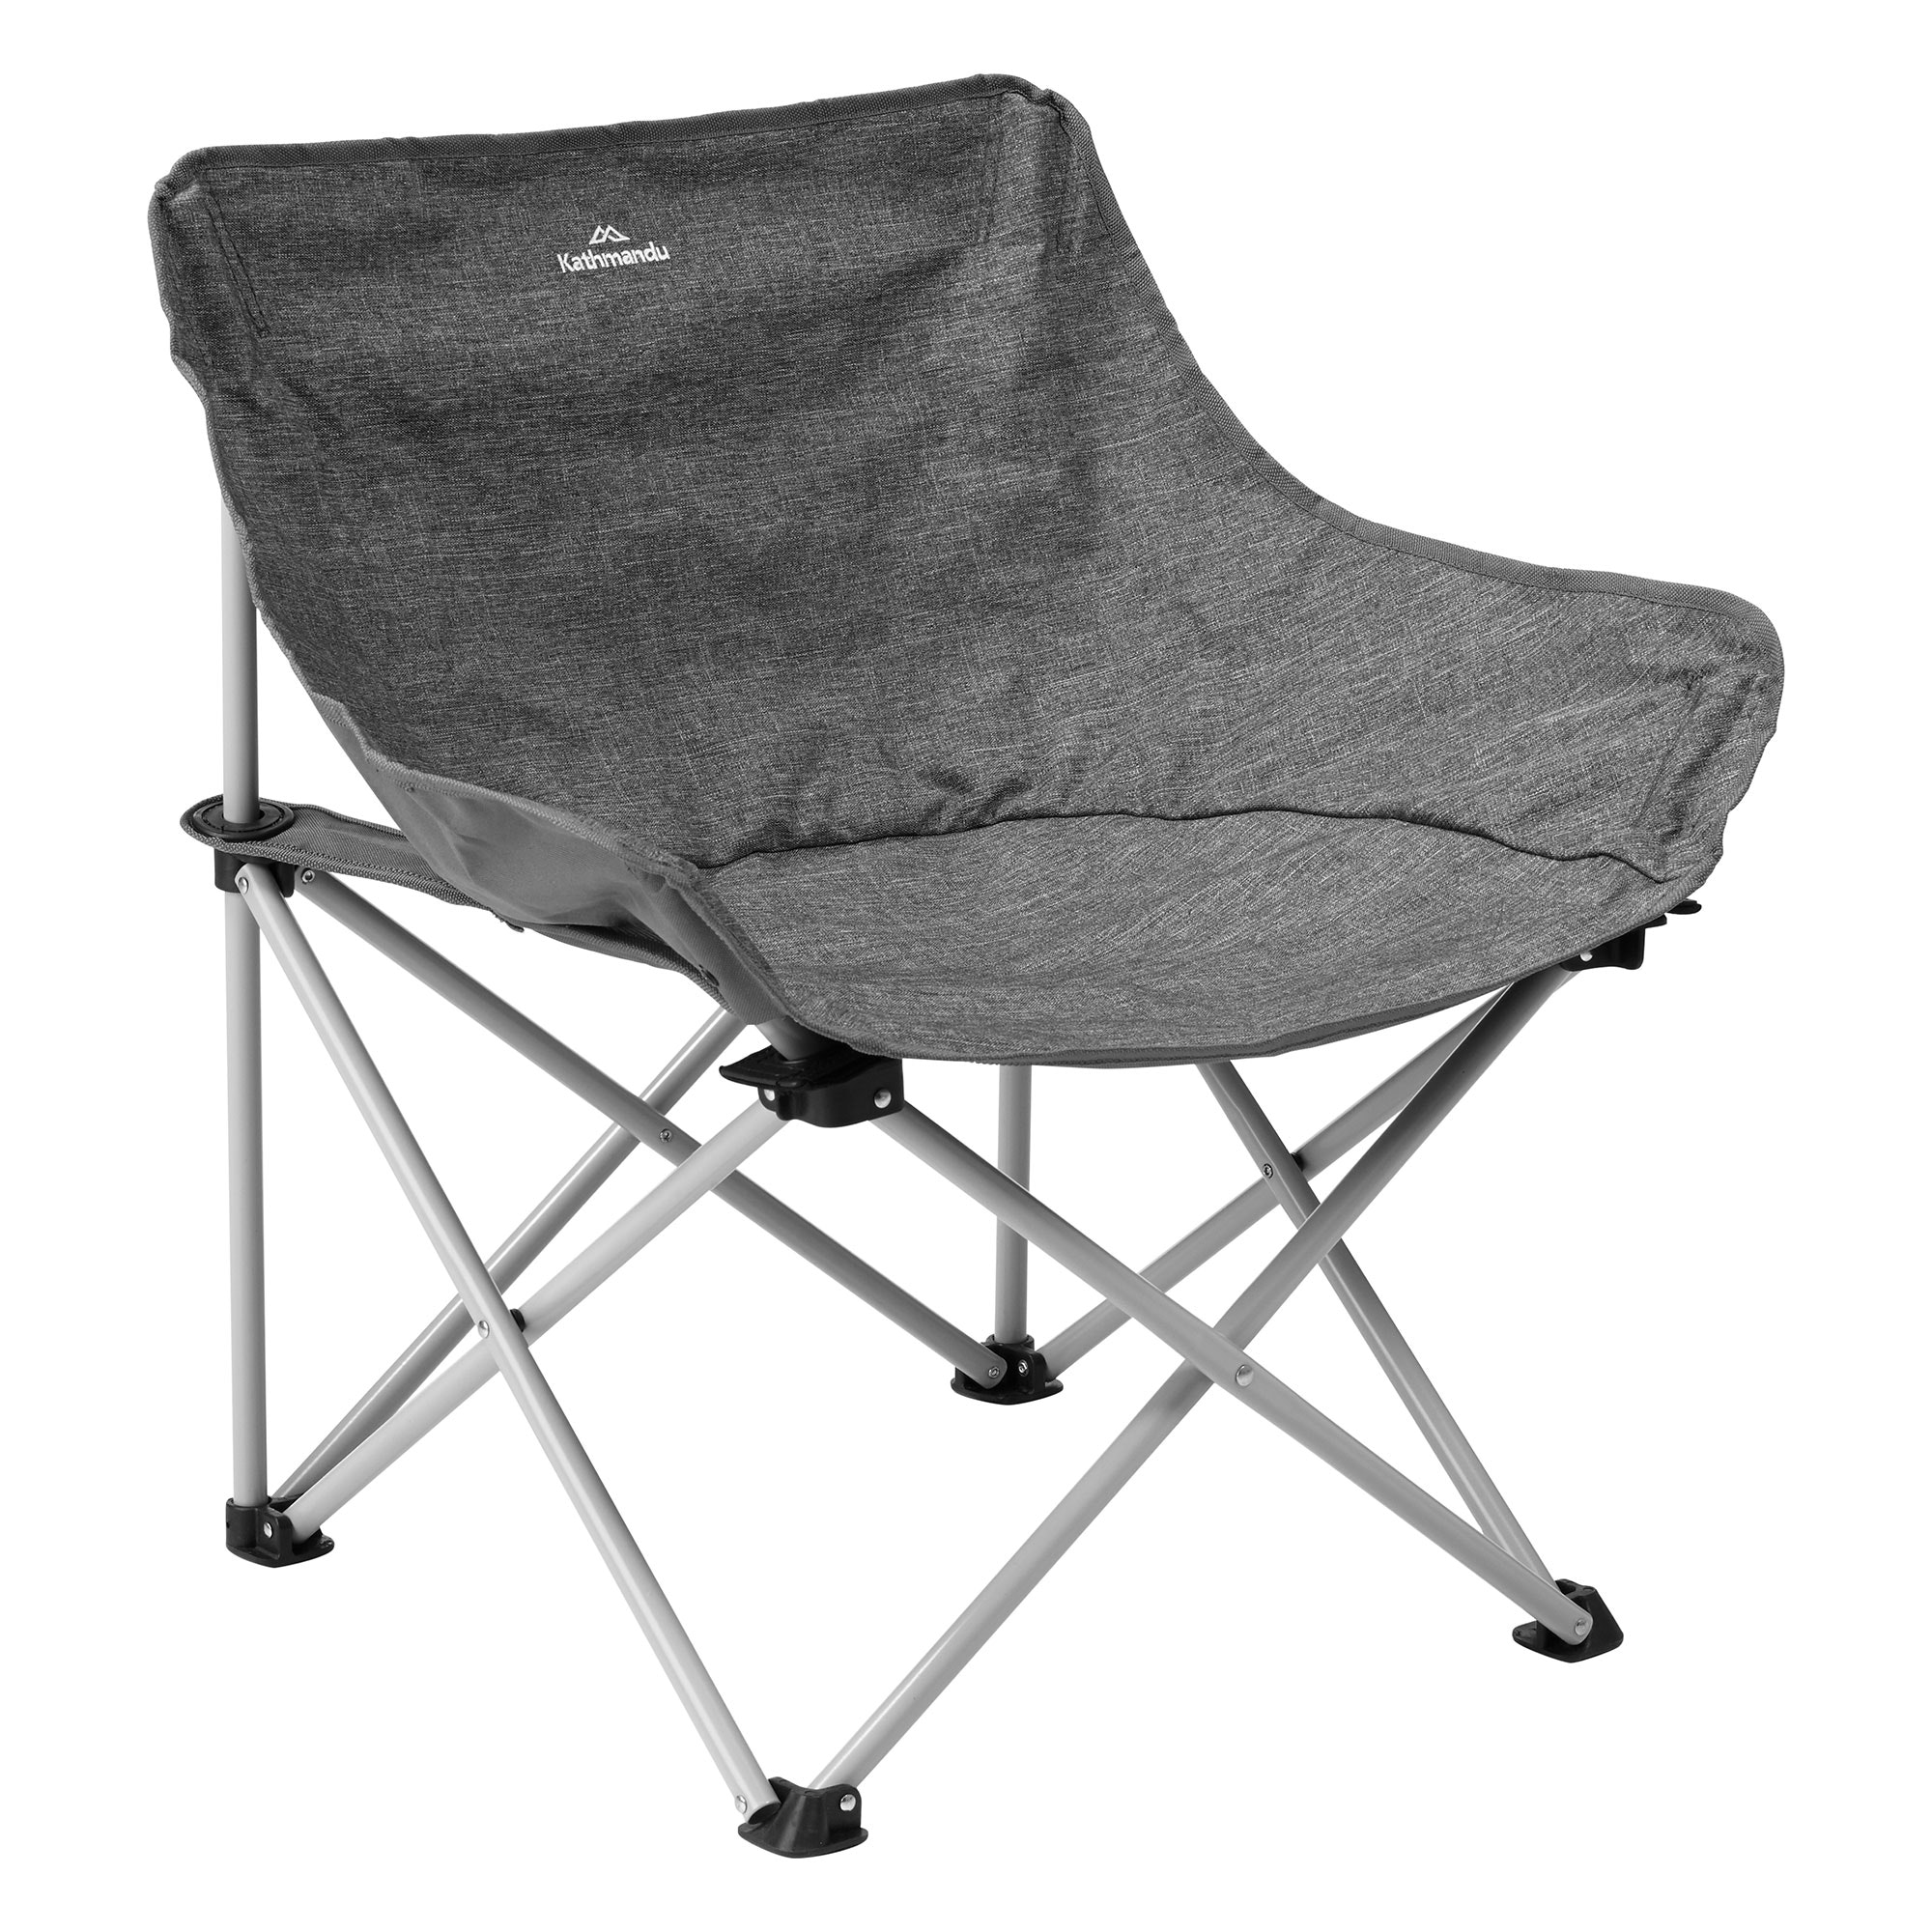 Roamer Bucket Chair